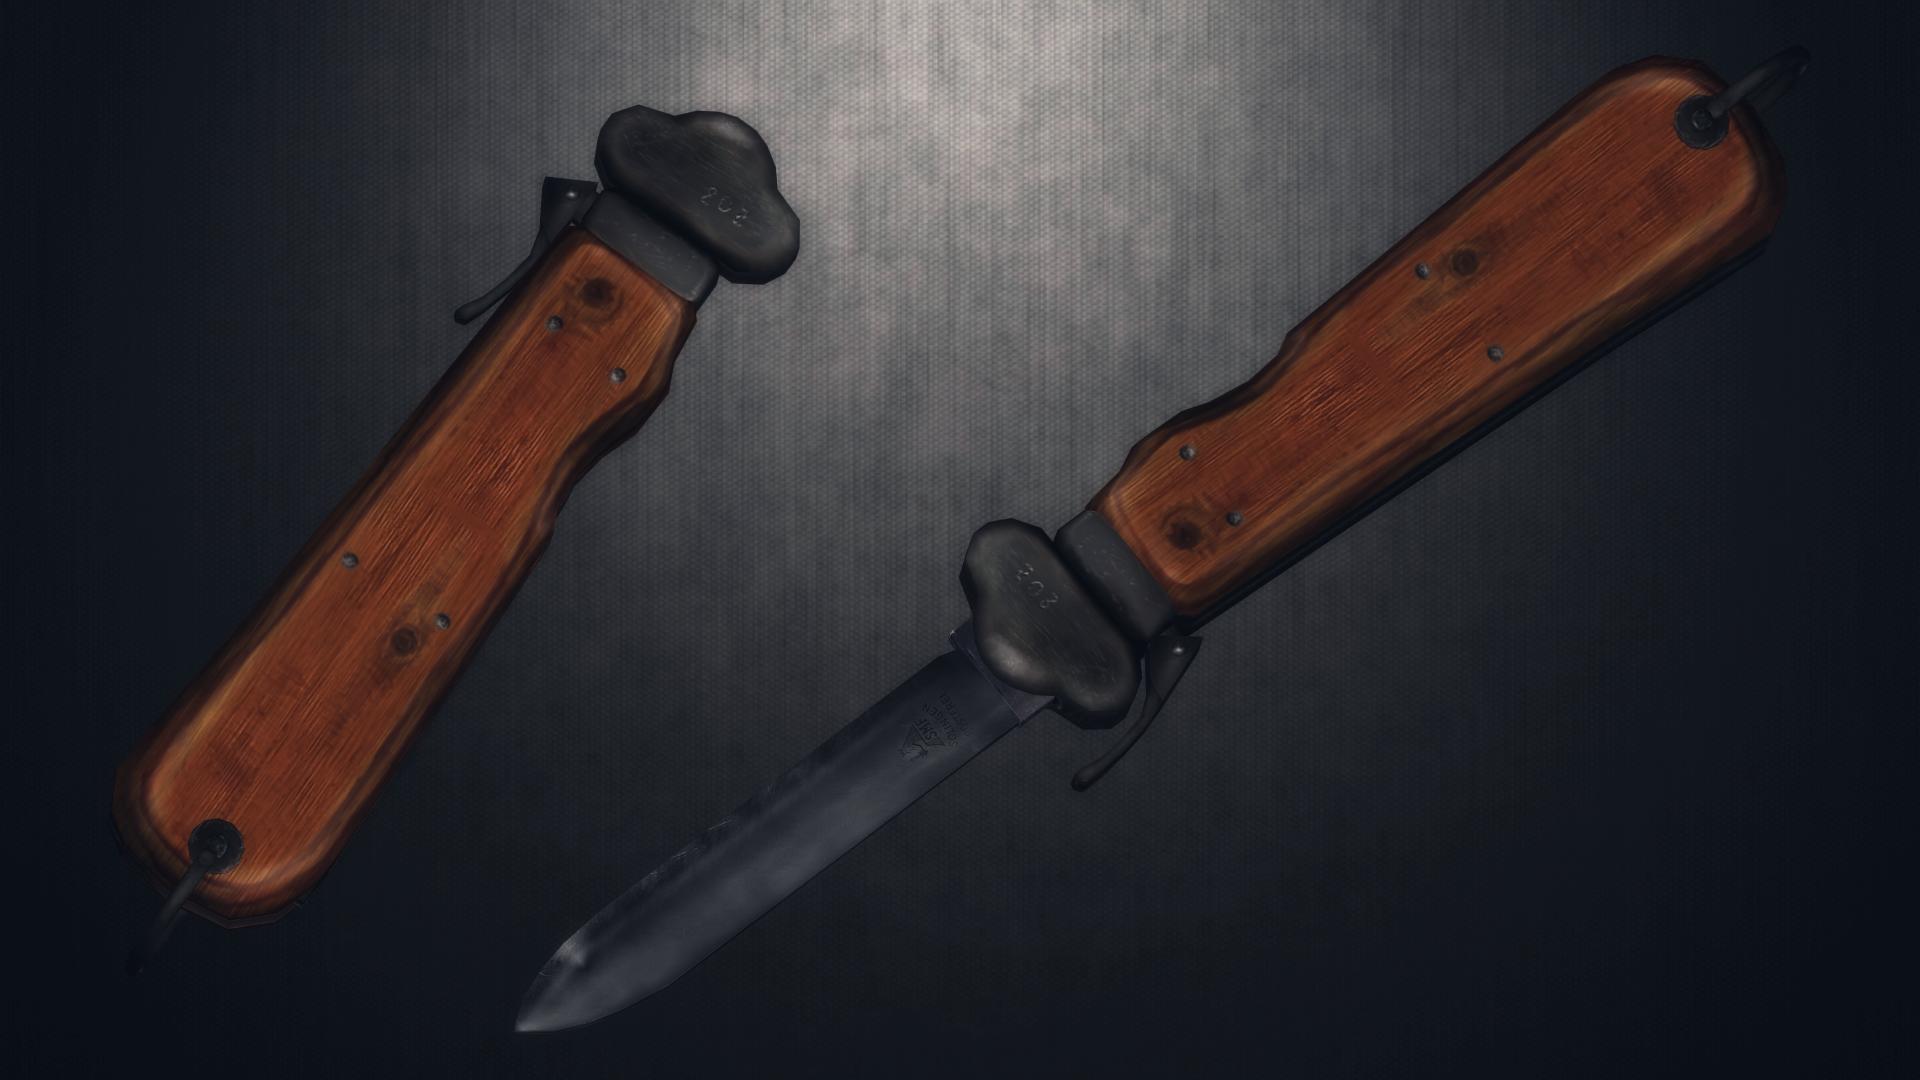 [MMD] Luftwaffe Fallschirmjager Messer For DL By AbyssLeo